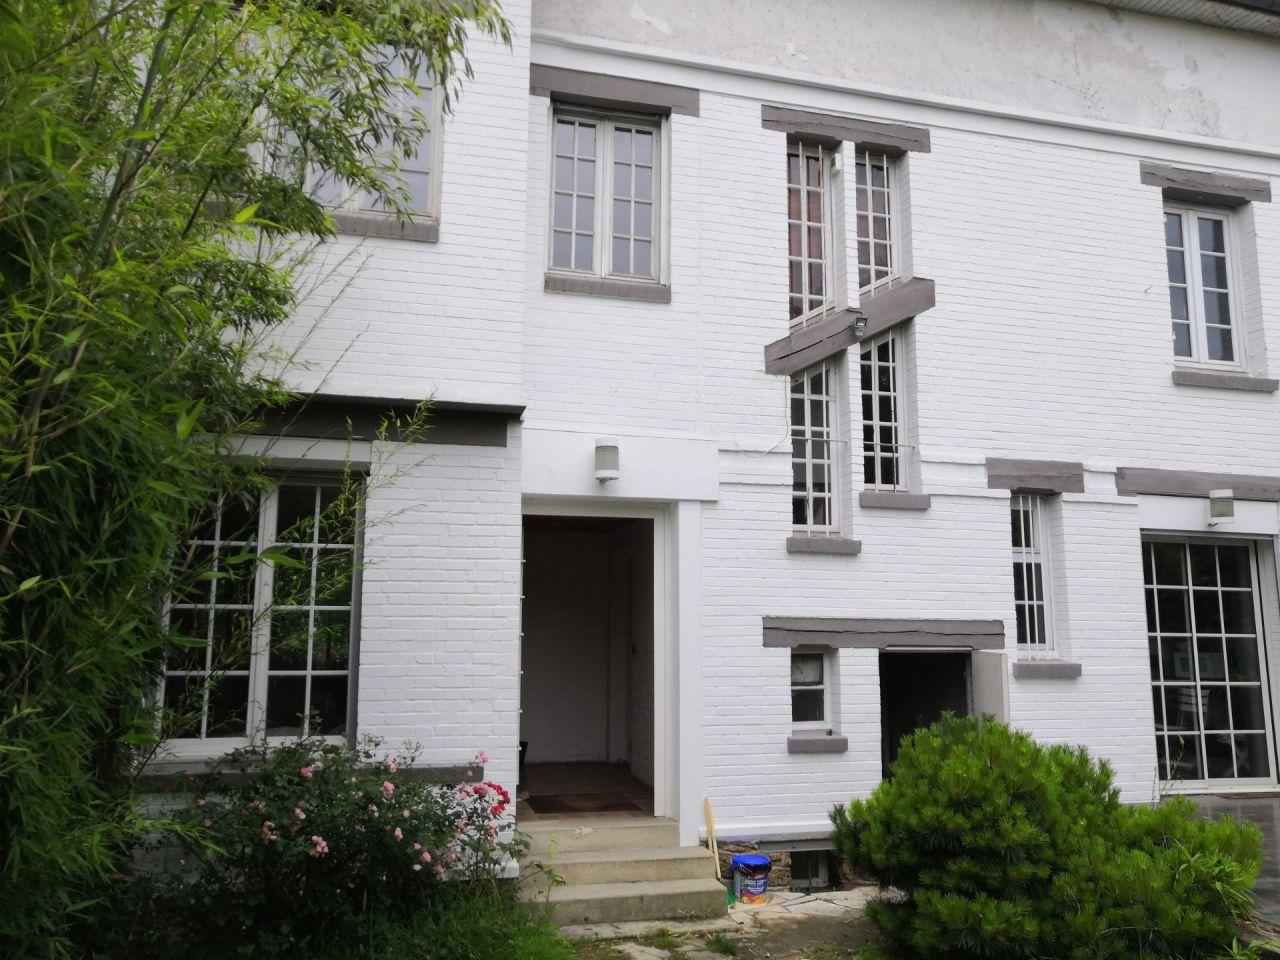 Sur le côté intérieur de la parcelle, la façade est en briques.